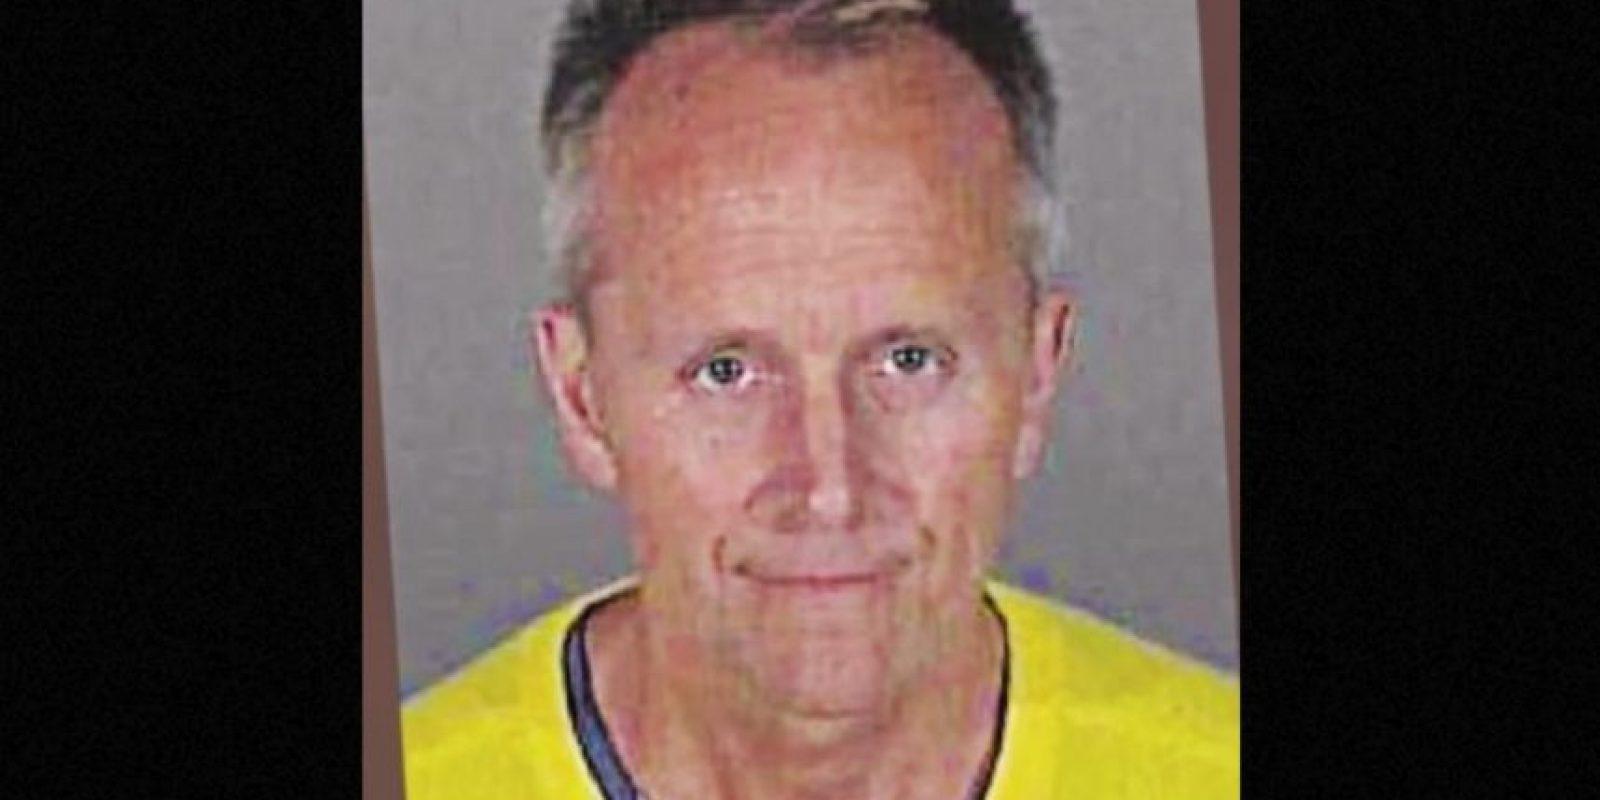 Según lo indicó el portal The Hollywood Reporter, Thor recibió más de ocho años en prisión. Foto:Los Angeles Superior Court